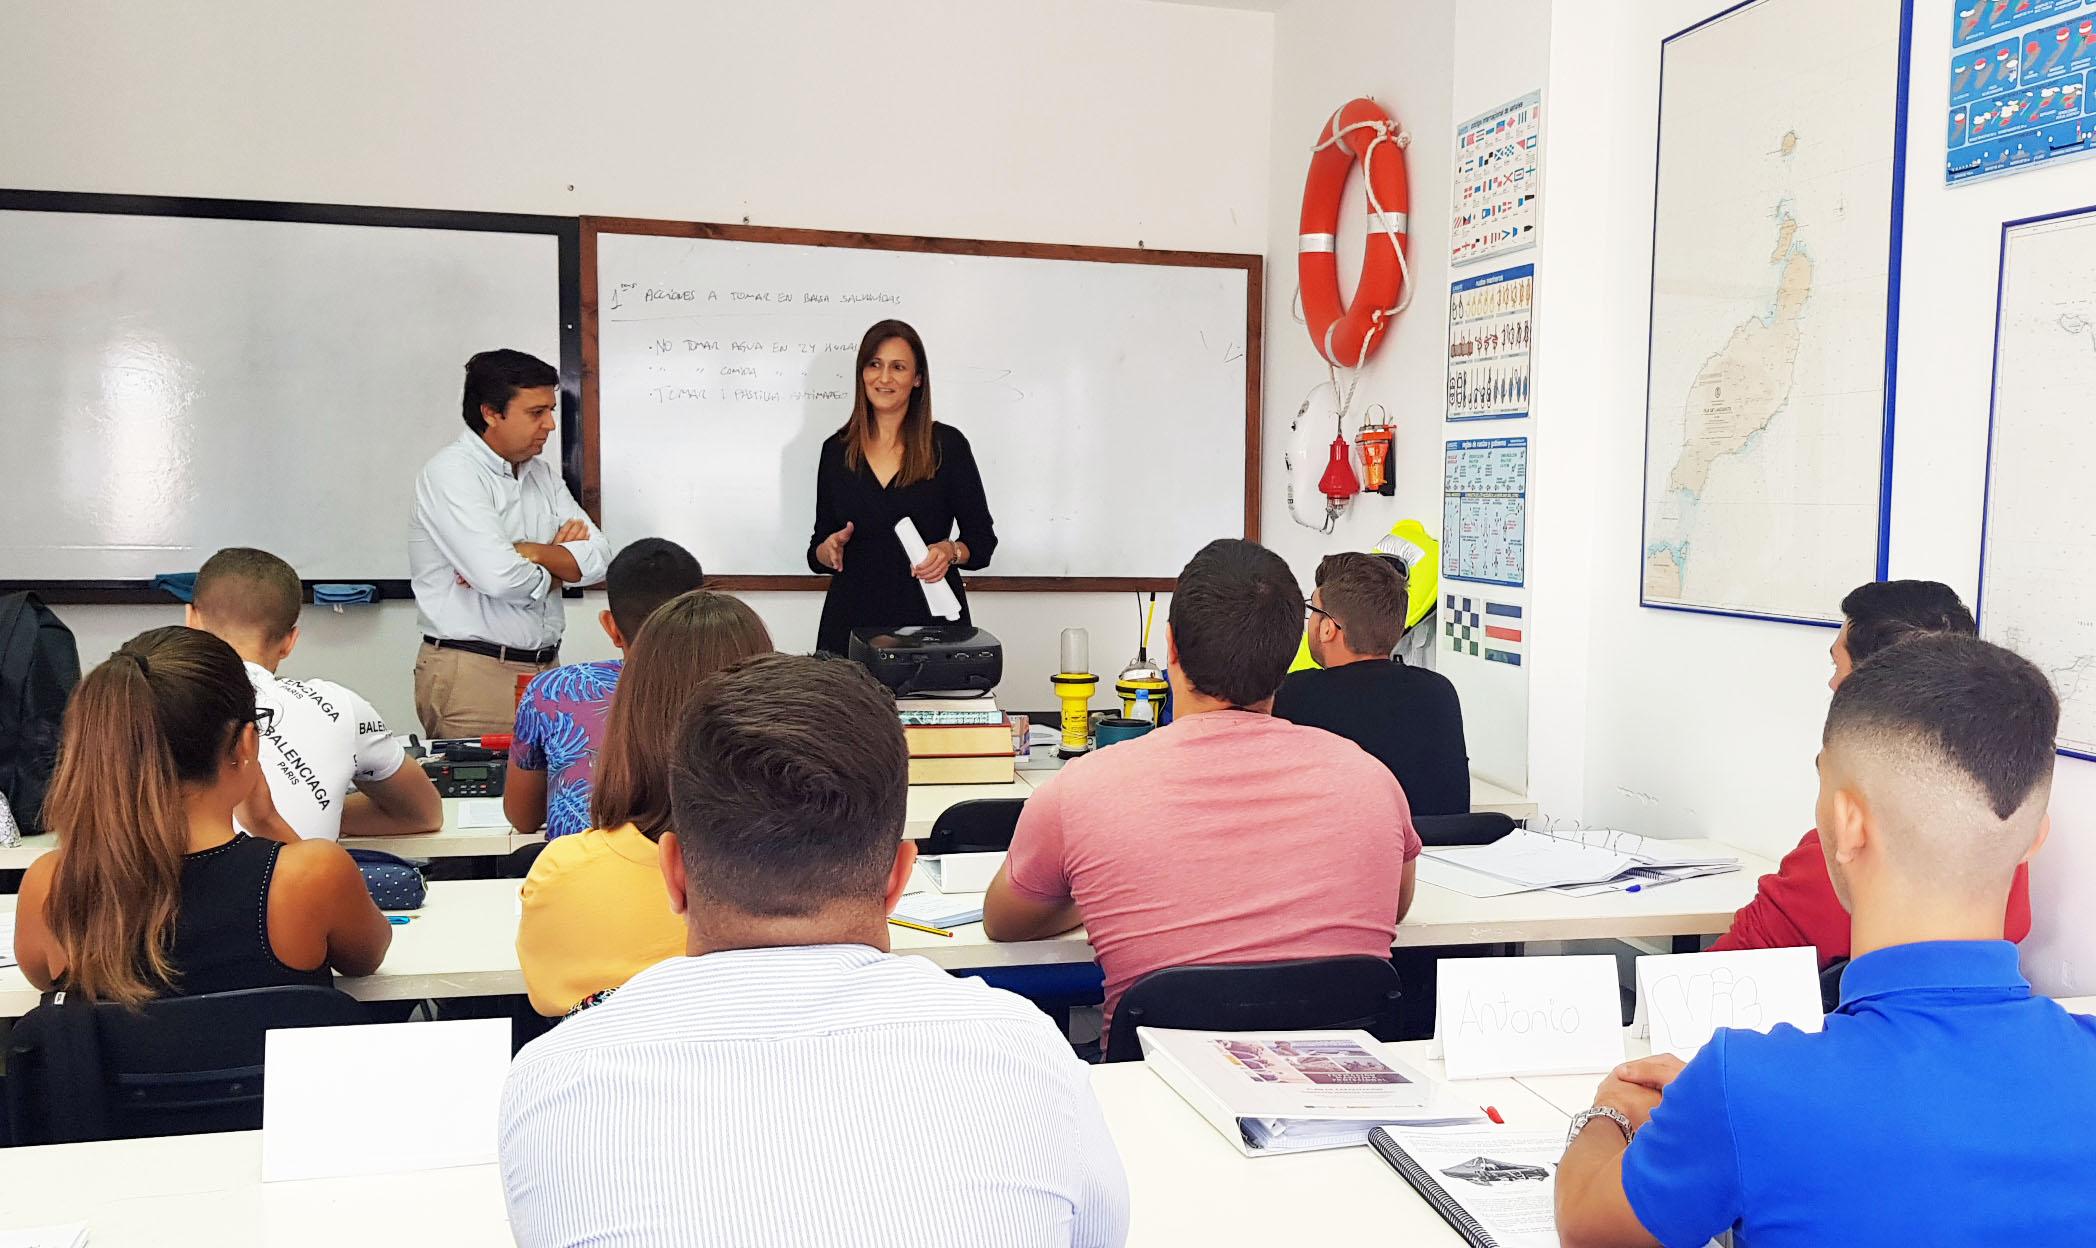 La consejera de Empleo visita el curso en el que veinte jóvenes se forman para trabajar en el mar